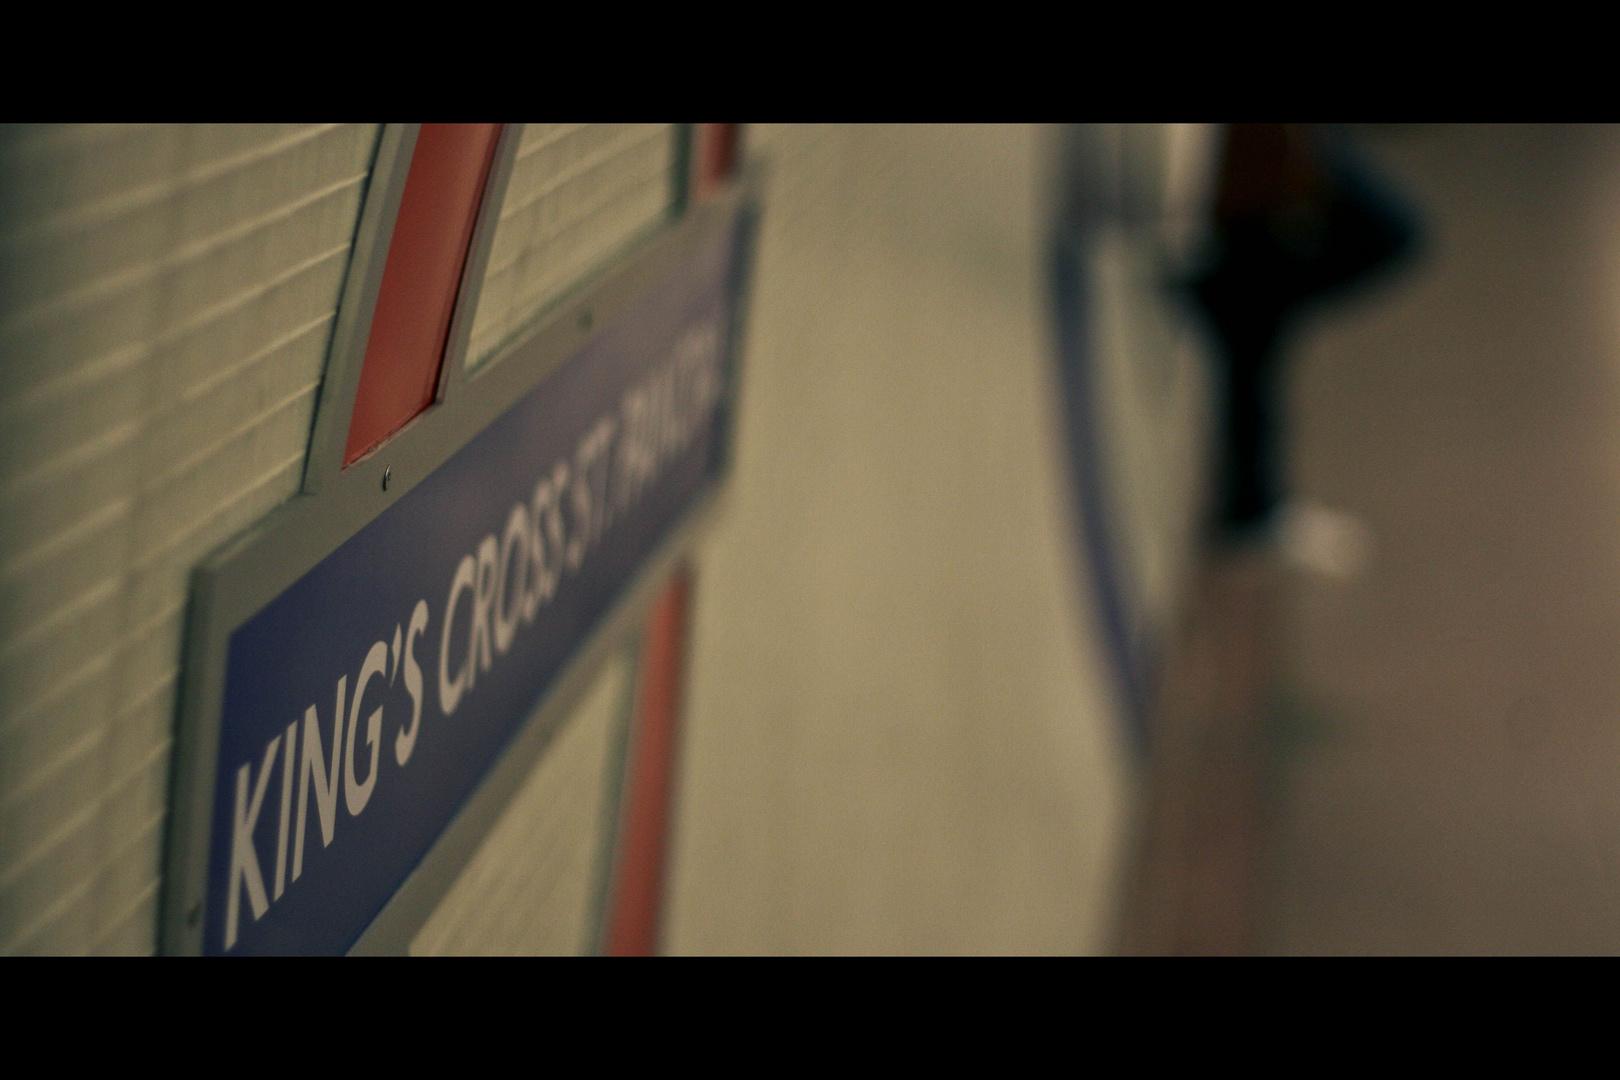 king's cross / london.